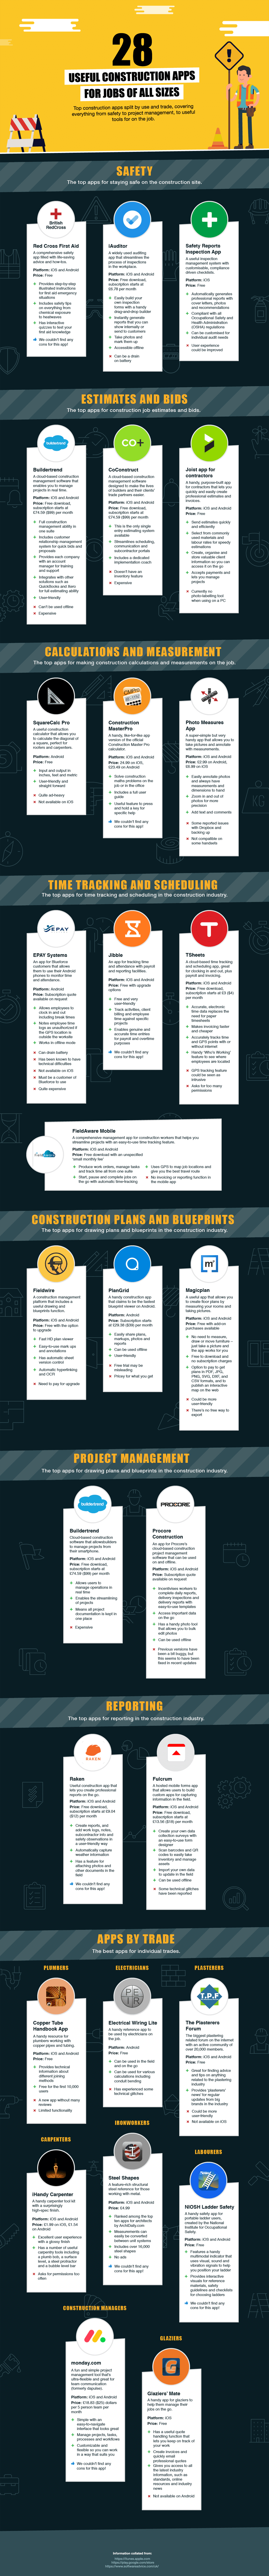 28 Useful Construction Apps | IronmongeryDirect